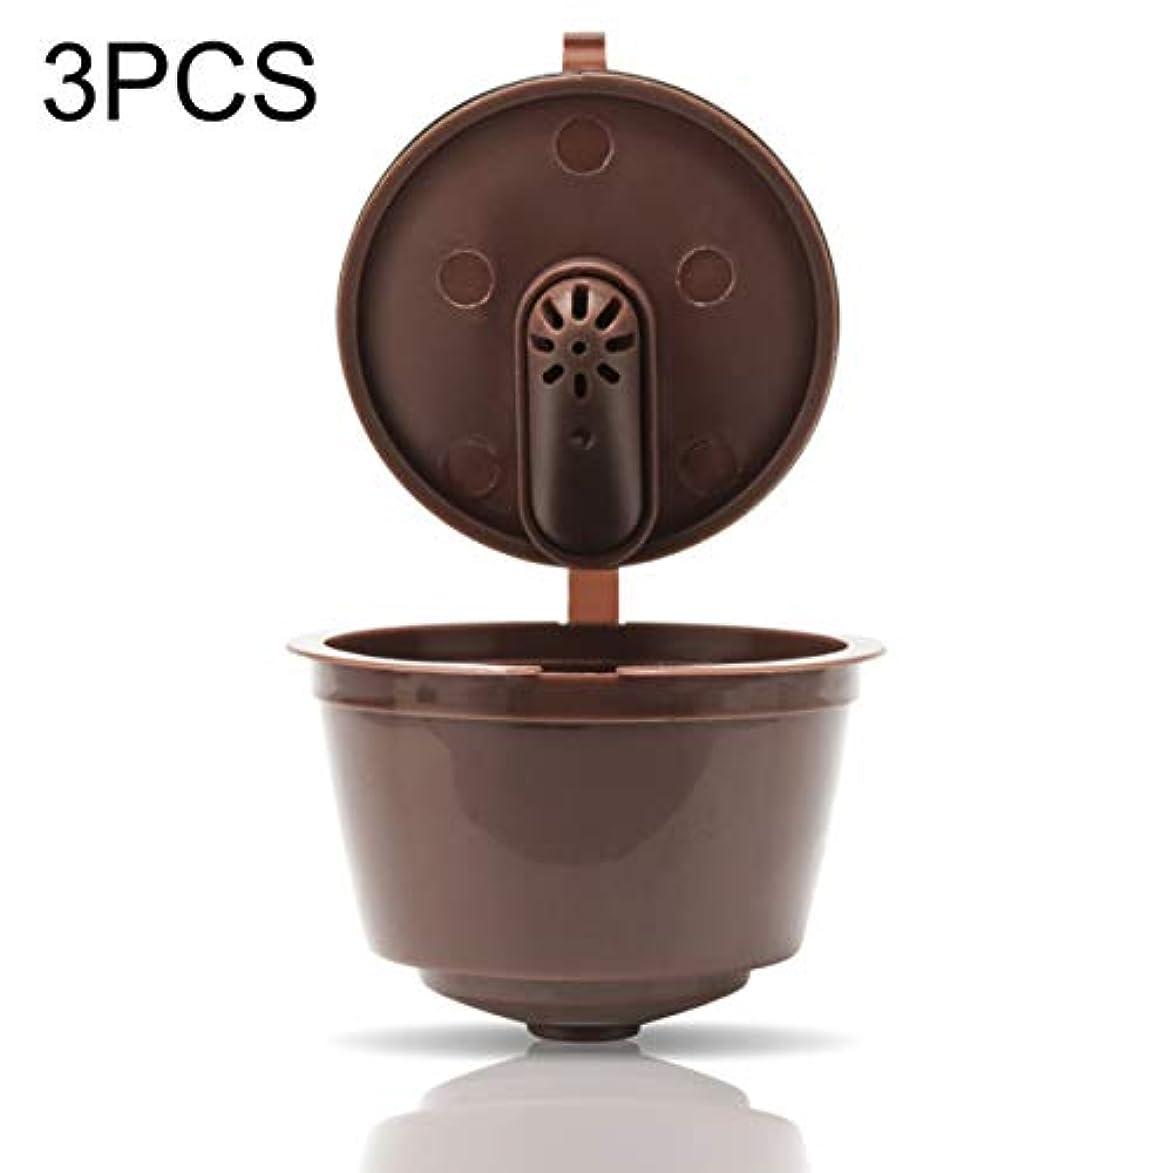 形式スチール生物学Saikogoods 更新されたバージョン コーヒーカプセル 詰め替え再利用可能 コーヒーカップ コーヒーバスケット コーヒーメーカー キッチンツールをフィルター ダークブラウン 3PCS